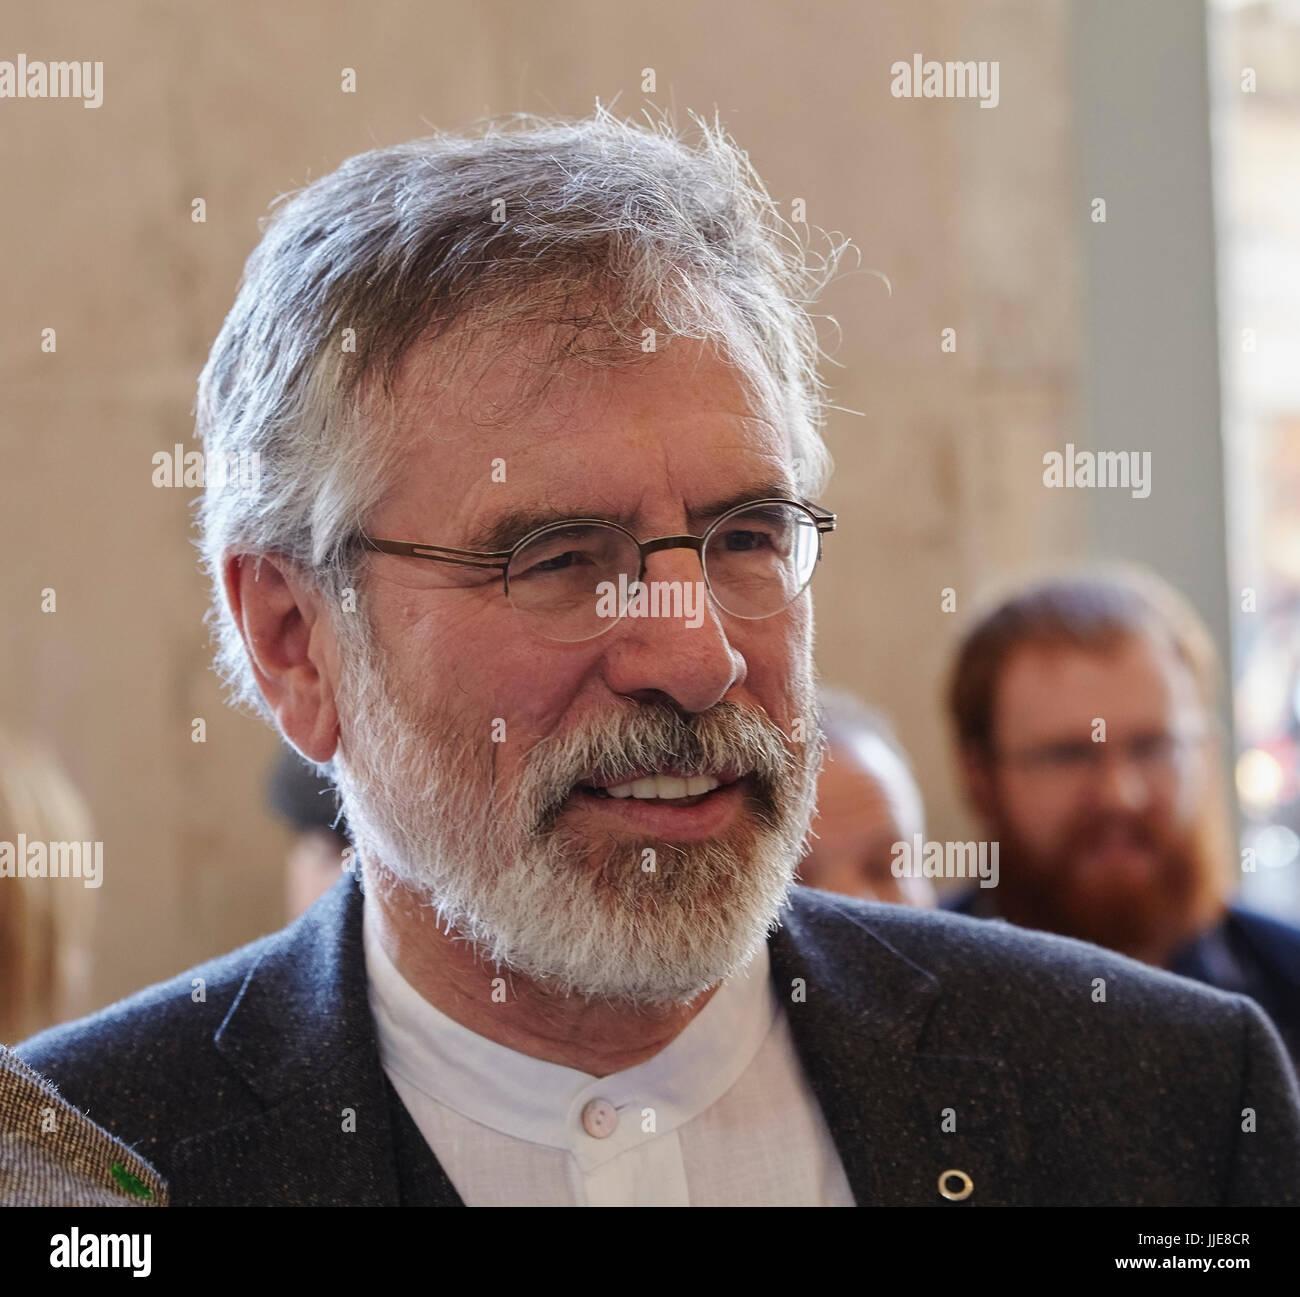 Gerry Adams, Leiter der irische politische Partei Sinn Féin, gesehen in Dublin, Irland. Stockbild